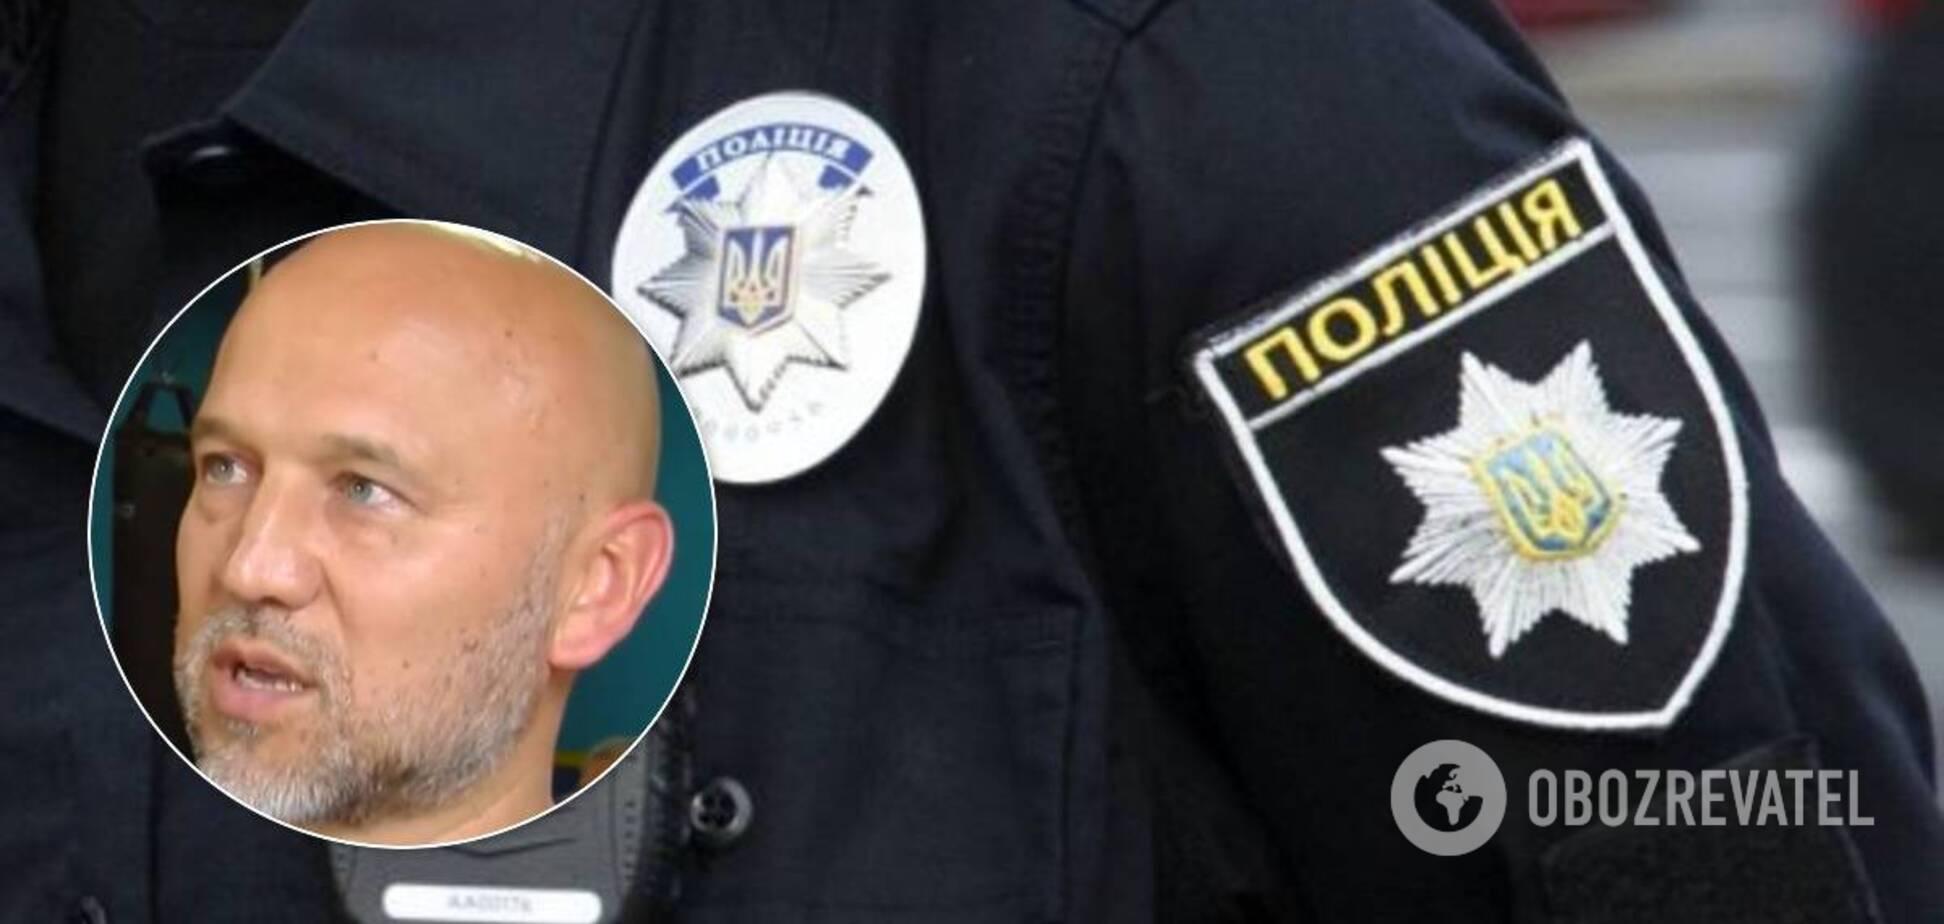 Шкіряк розкрив деталі про особистість бізнесмена, якого вбили на Київщині